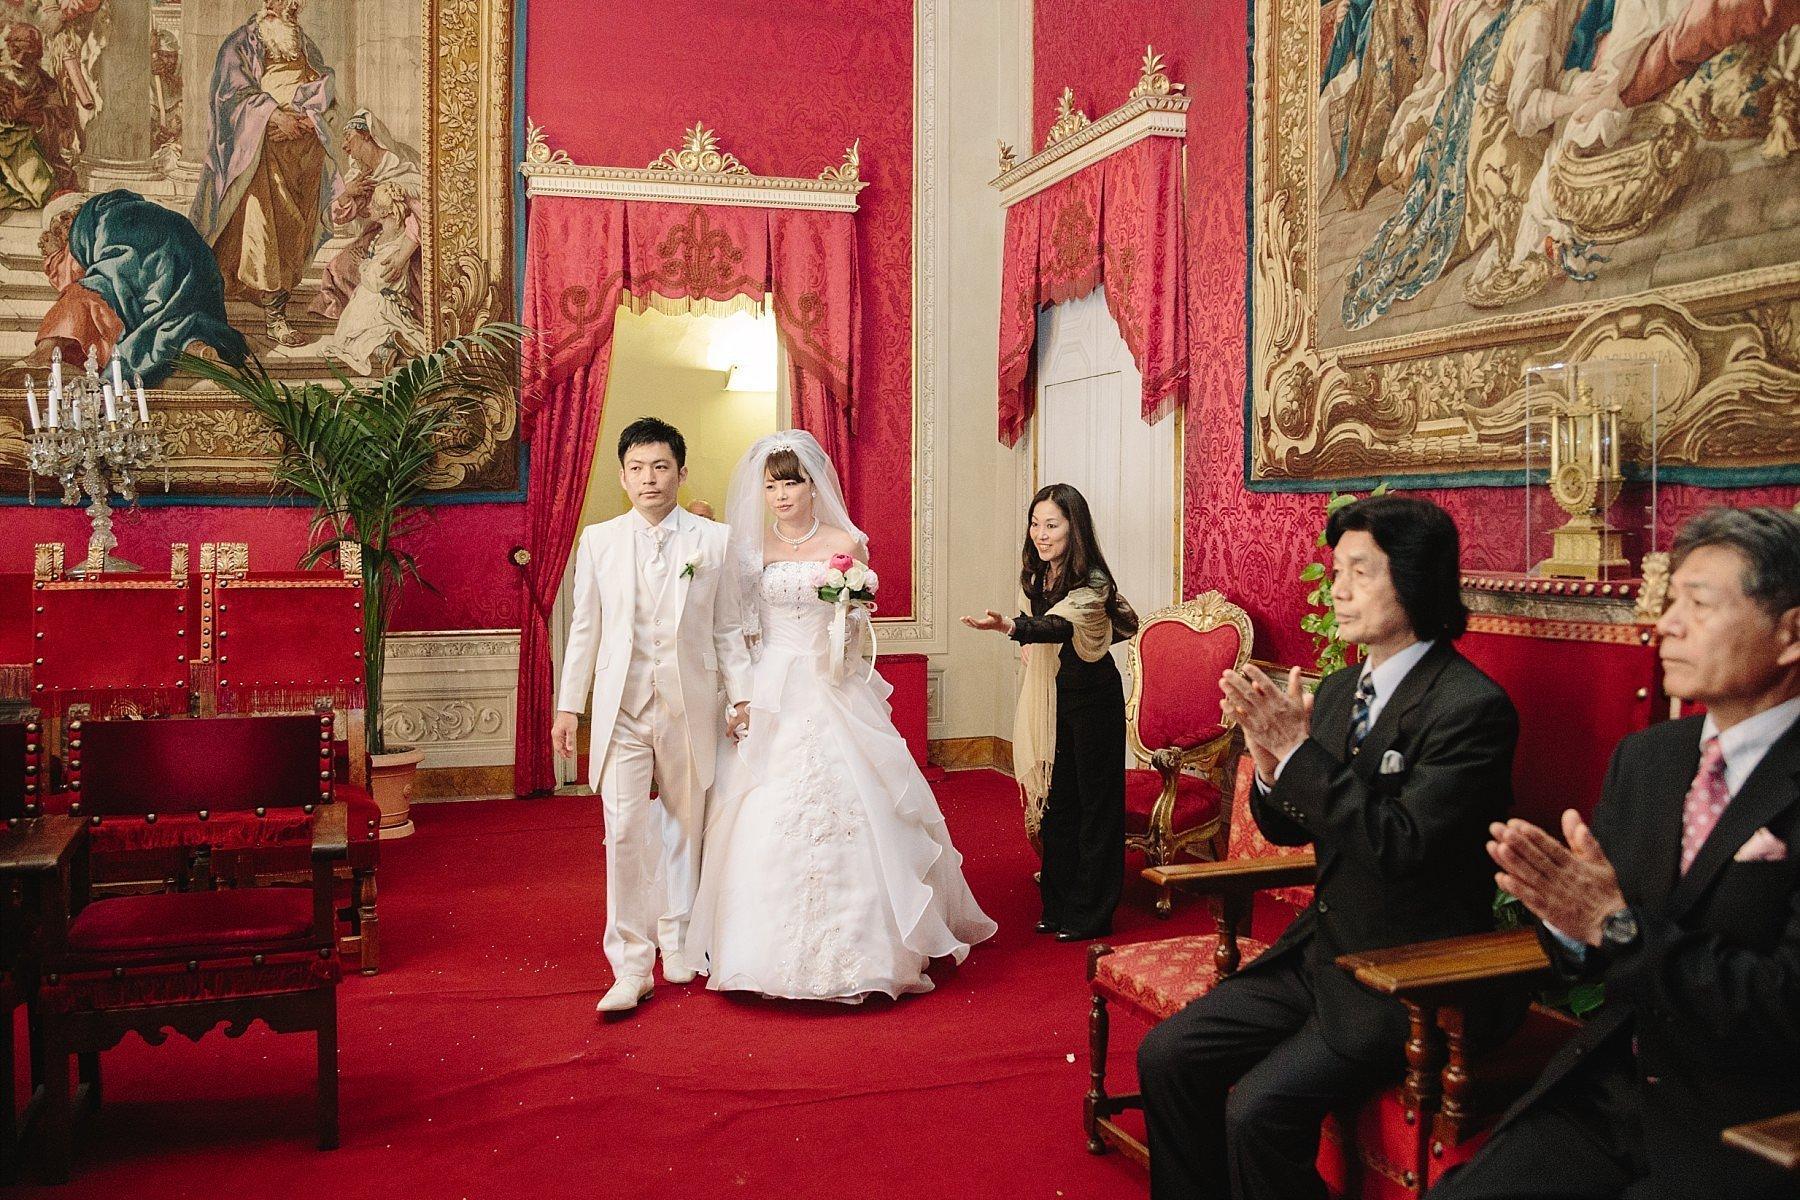 Ingresso degli sposi in sala rossa nel Palazzo Vecchio a Firenze